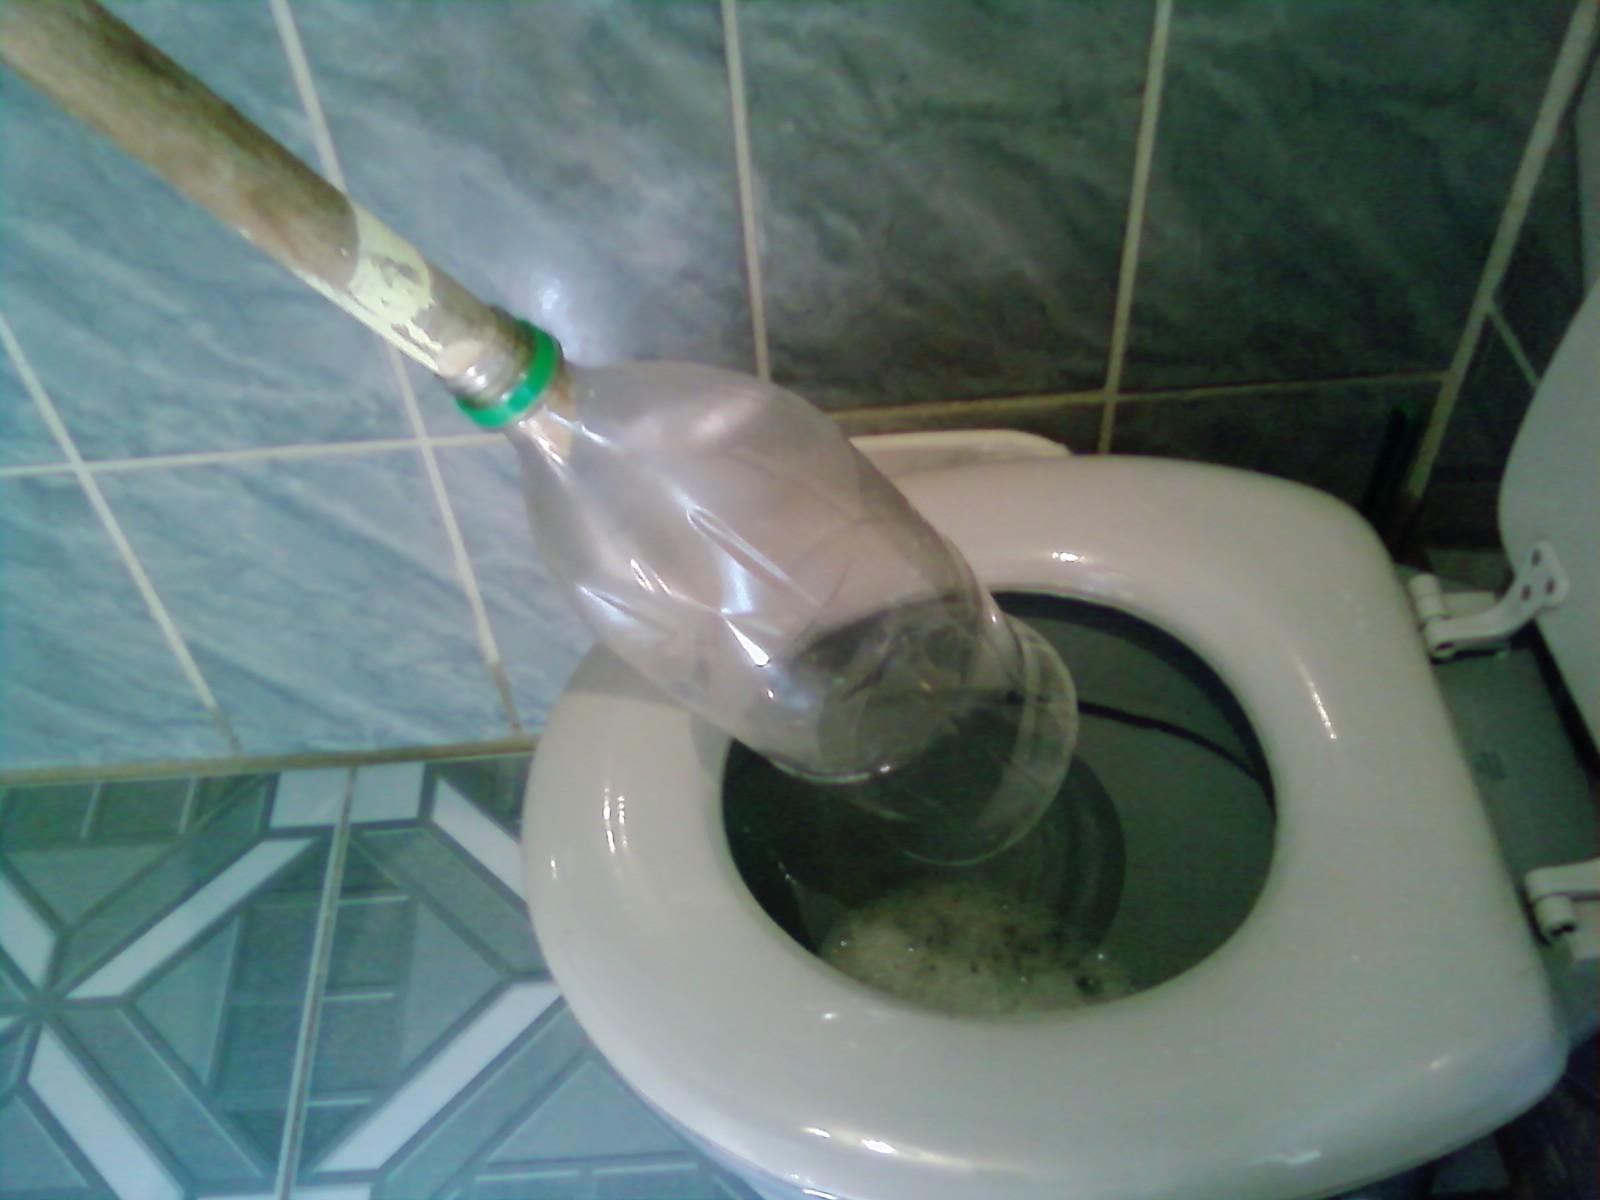 Viver Naturalmente: Desentupidor de vaso sanitário feito com garrafa  #476E70 1600 1200